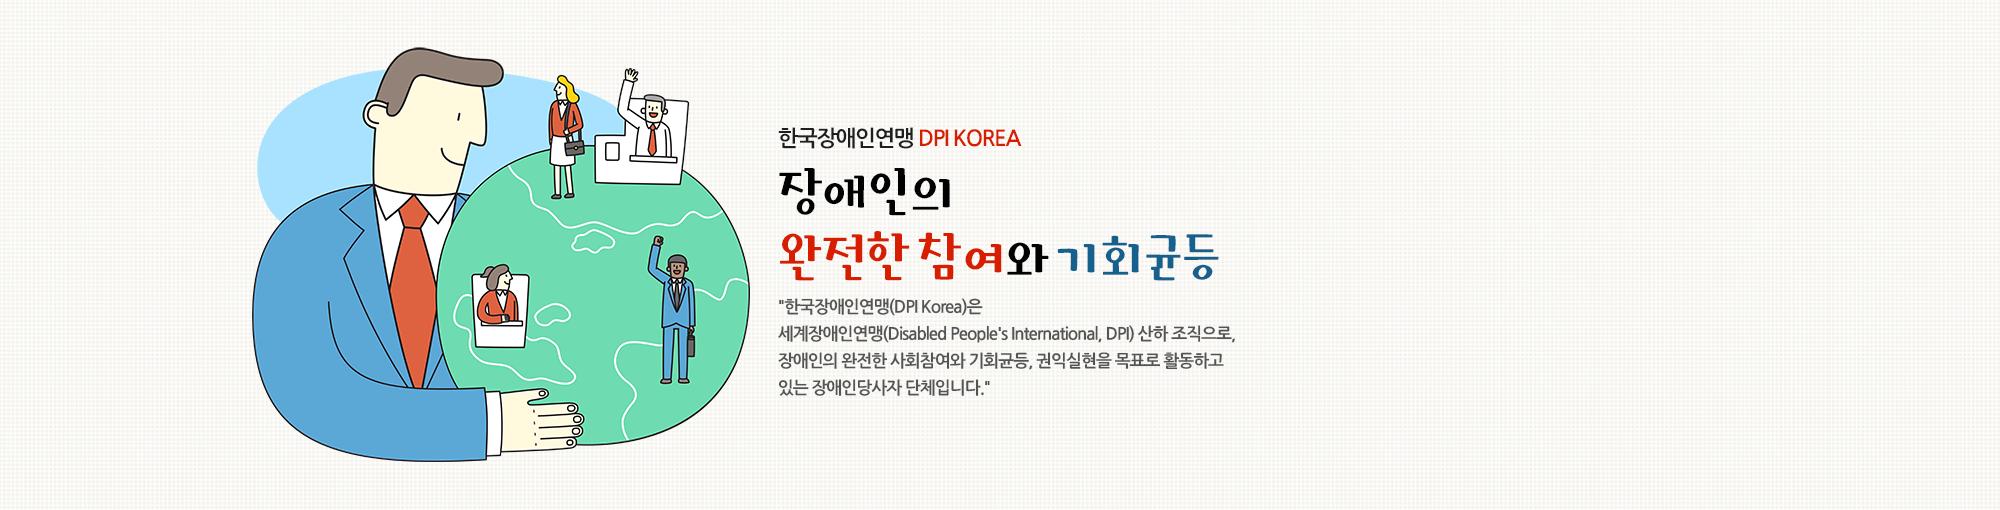 한국장애인연맹 DPI KOREA 장애인의 완전한 참여와 기회균등 '한국장애인연맹(DPI Korea)은 세계장애인연맹(Disabled People's International, DPI) 산하 조직으로, 장애인의 완전한 사회참여와 기회균등, 권익실현을 목표로 활동하고 있는 장애인당사자 단체입니다.'